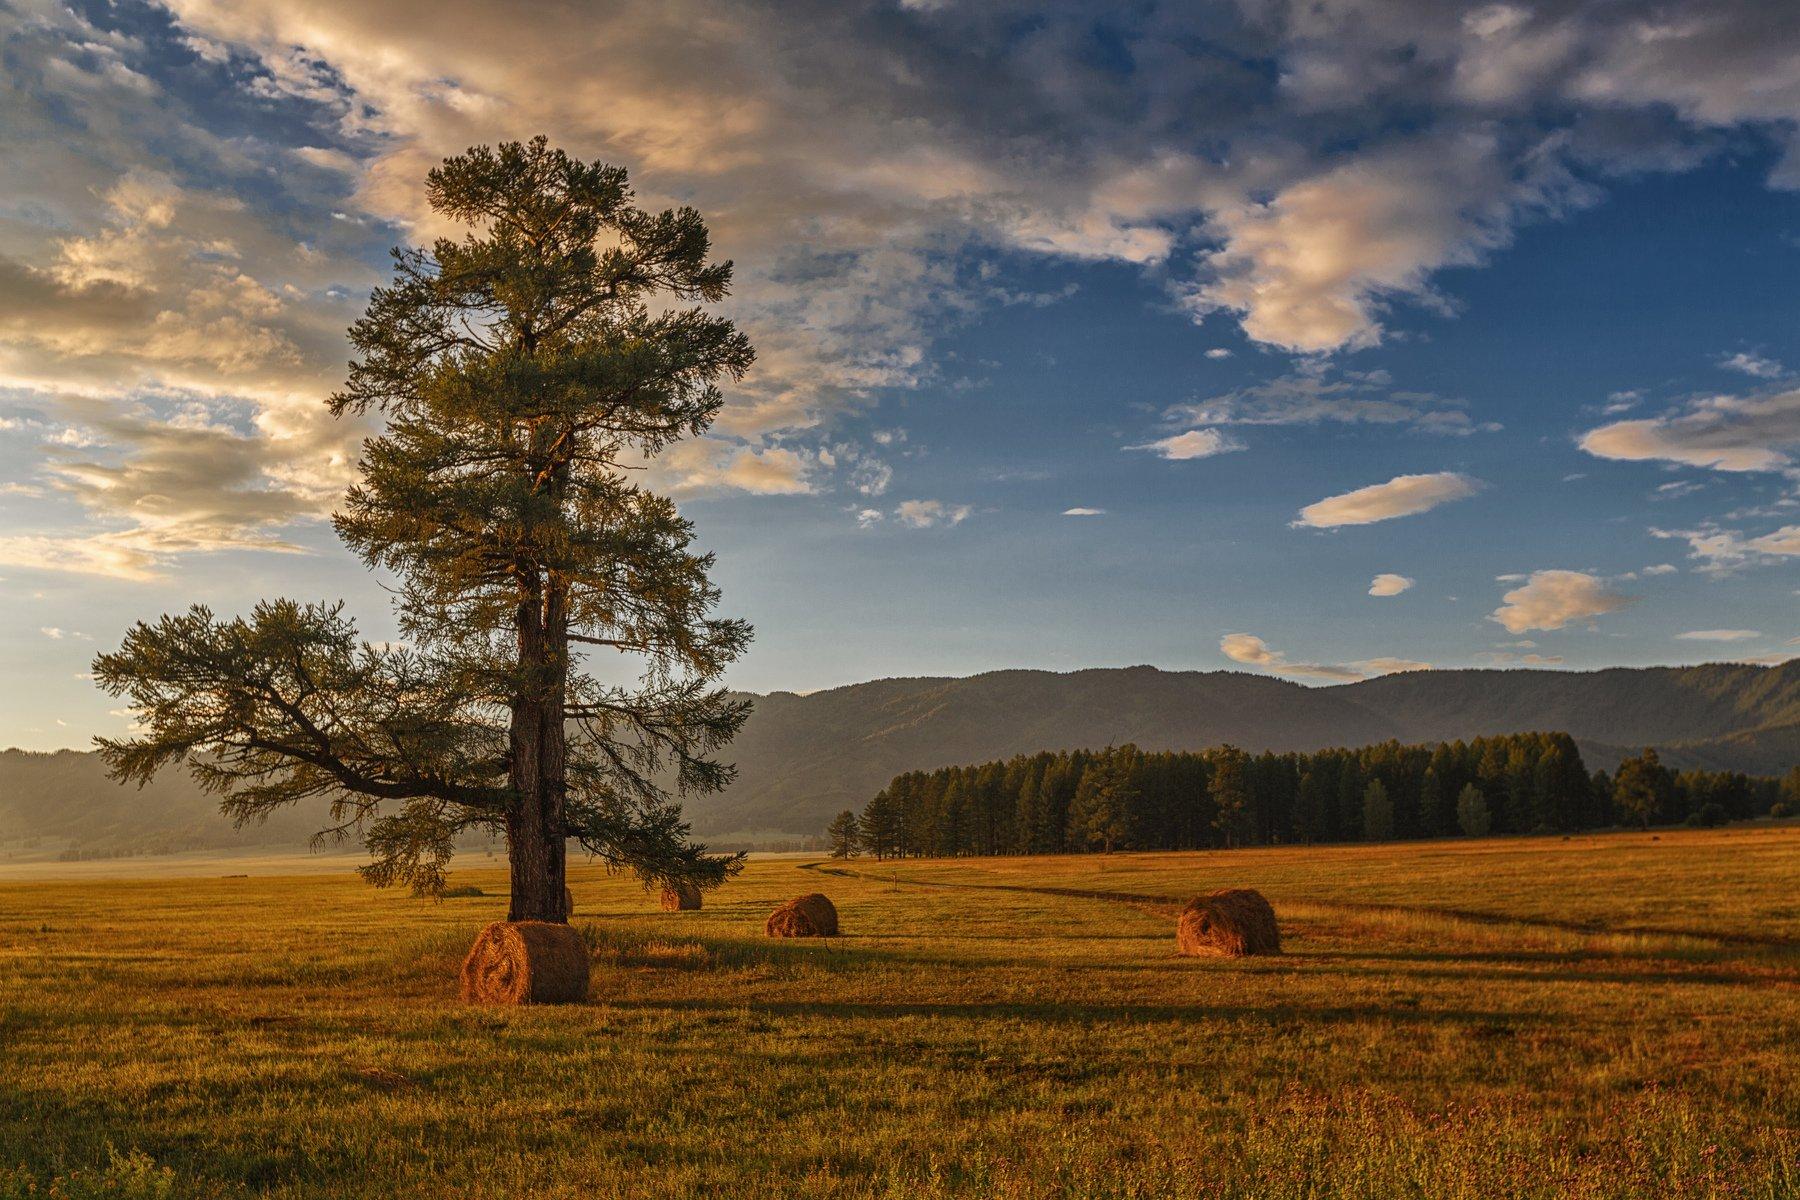 горы, облака, природа, алтай, рассвет, река, путешествие, россия, Шевченко Николай